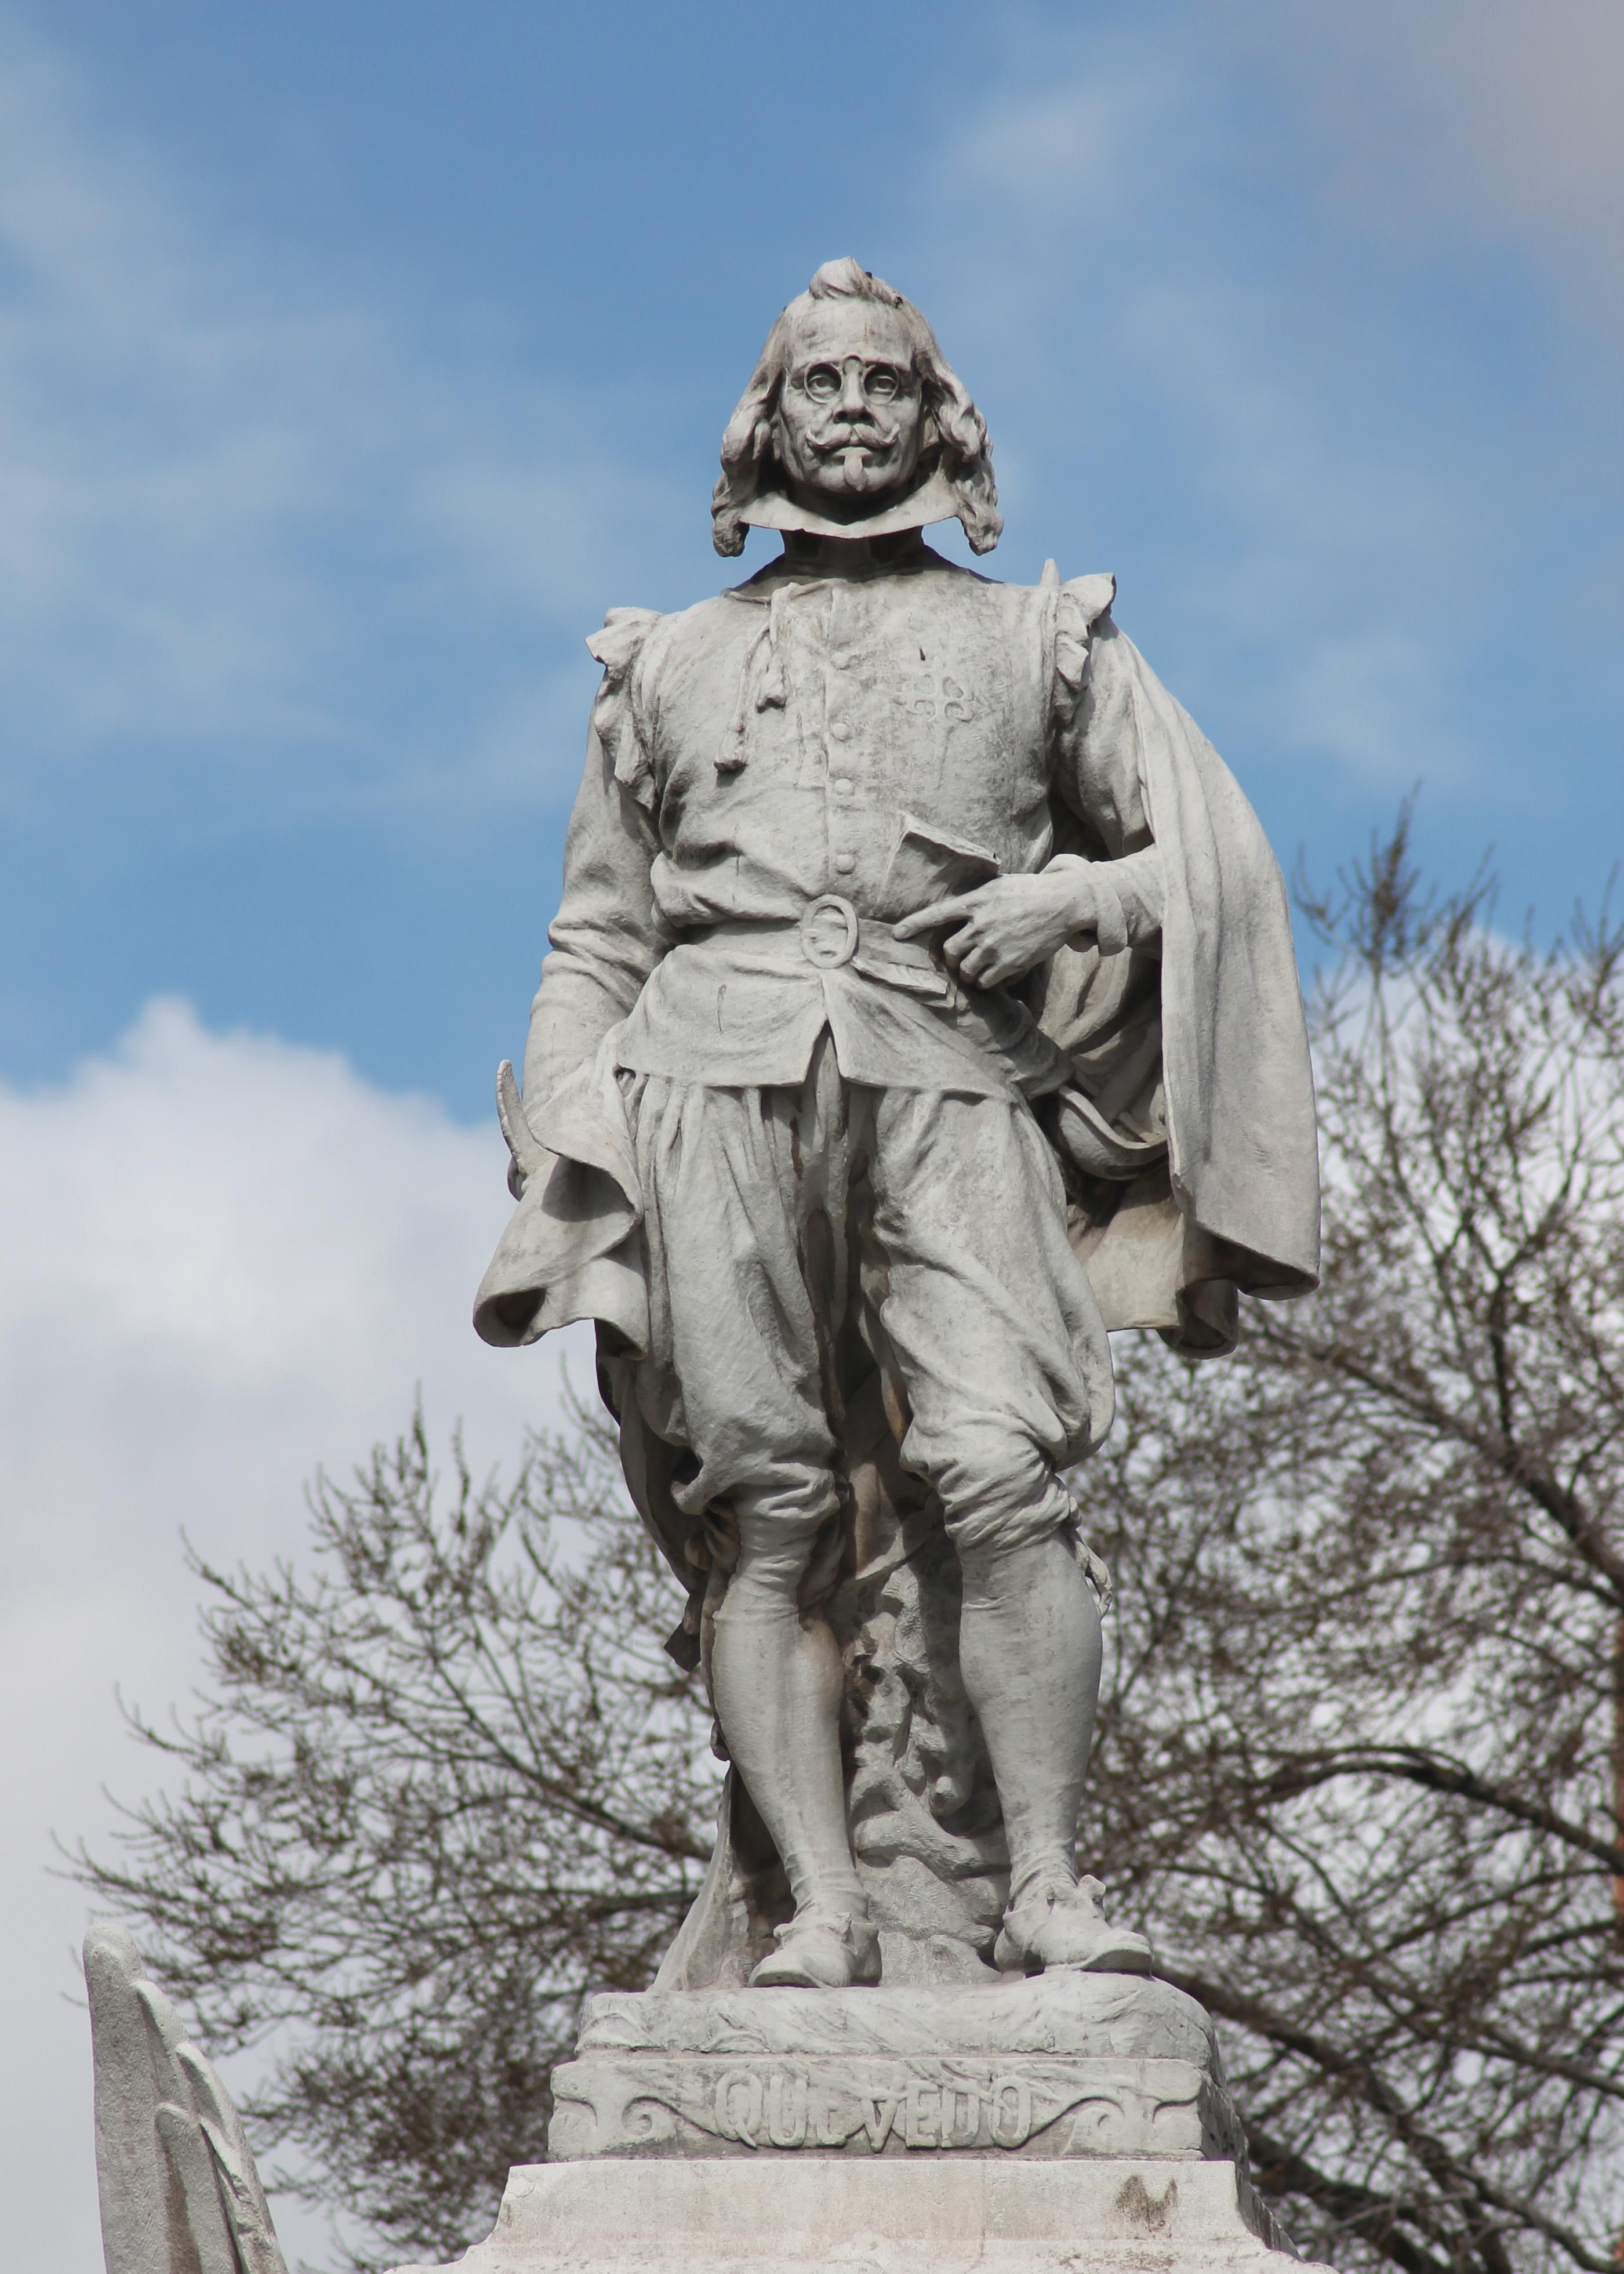 Estatua del monumento a Quevedo en la glorieta homónima de Madrid (A. Querol, 1902).